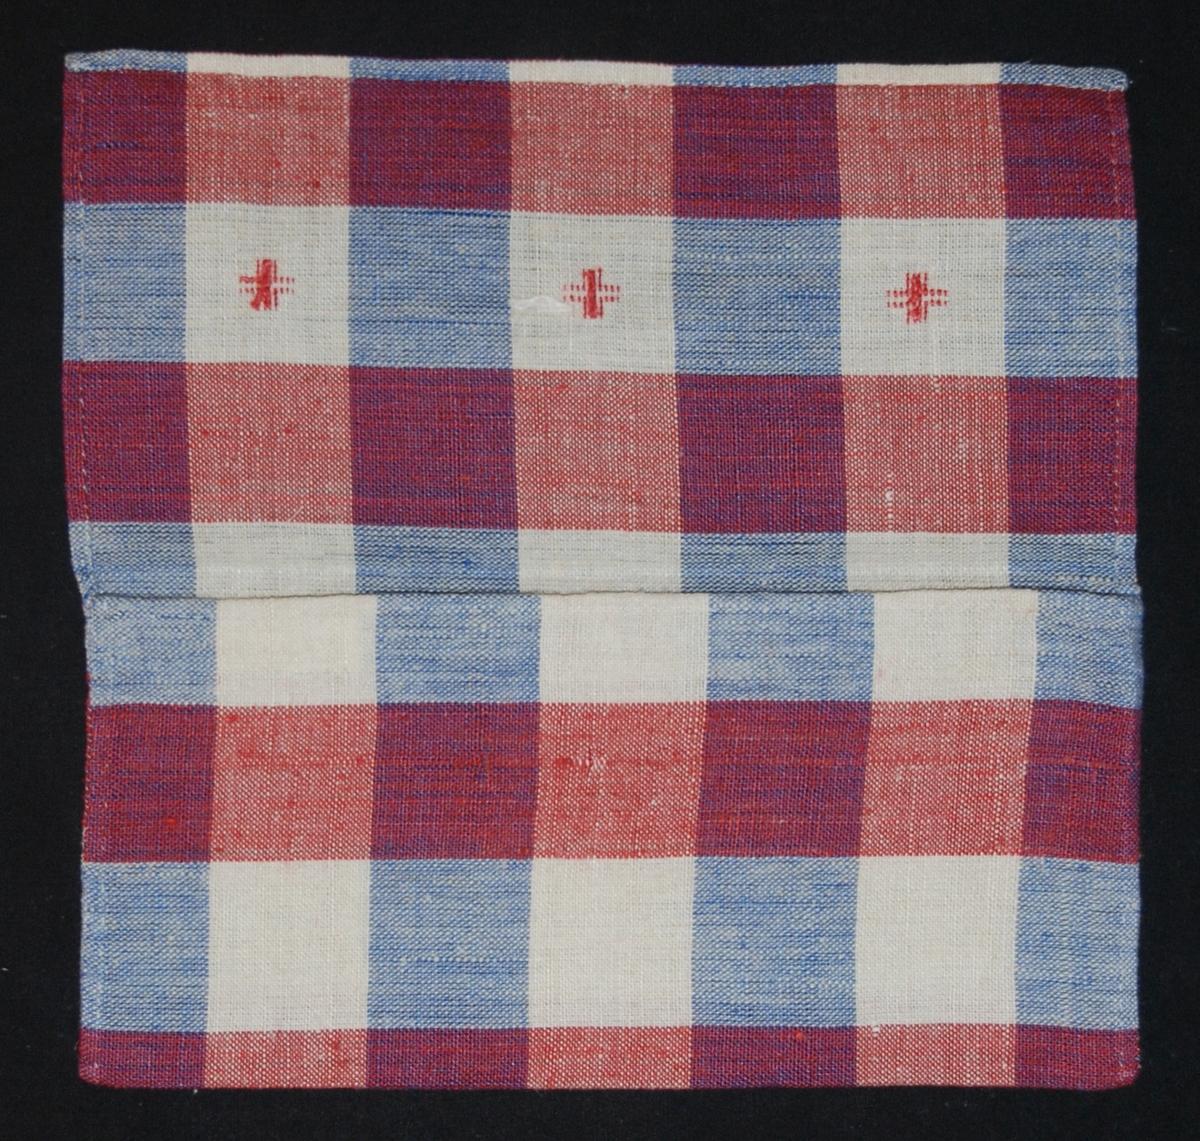 Handvävd linnelärft, rutig i vitt, blått och rött, kuvertmodell med övervikt lock, 3 kors broderade i korssöm med rött lingarn i de vita rutorna på locket.